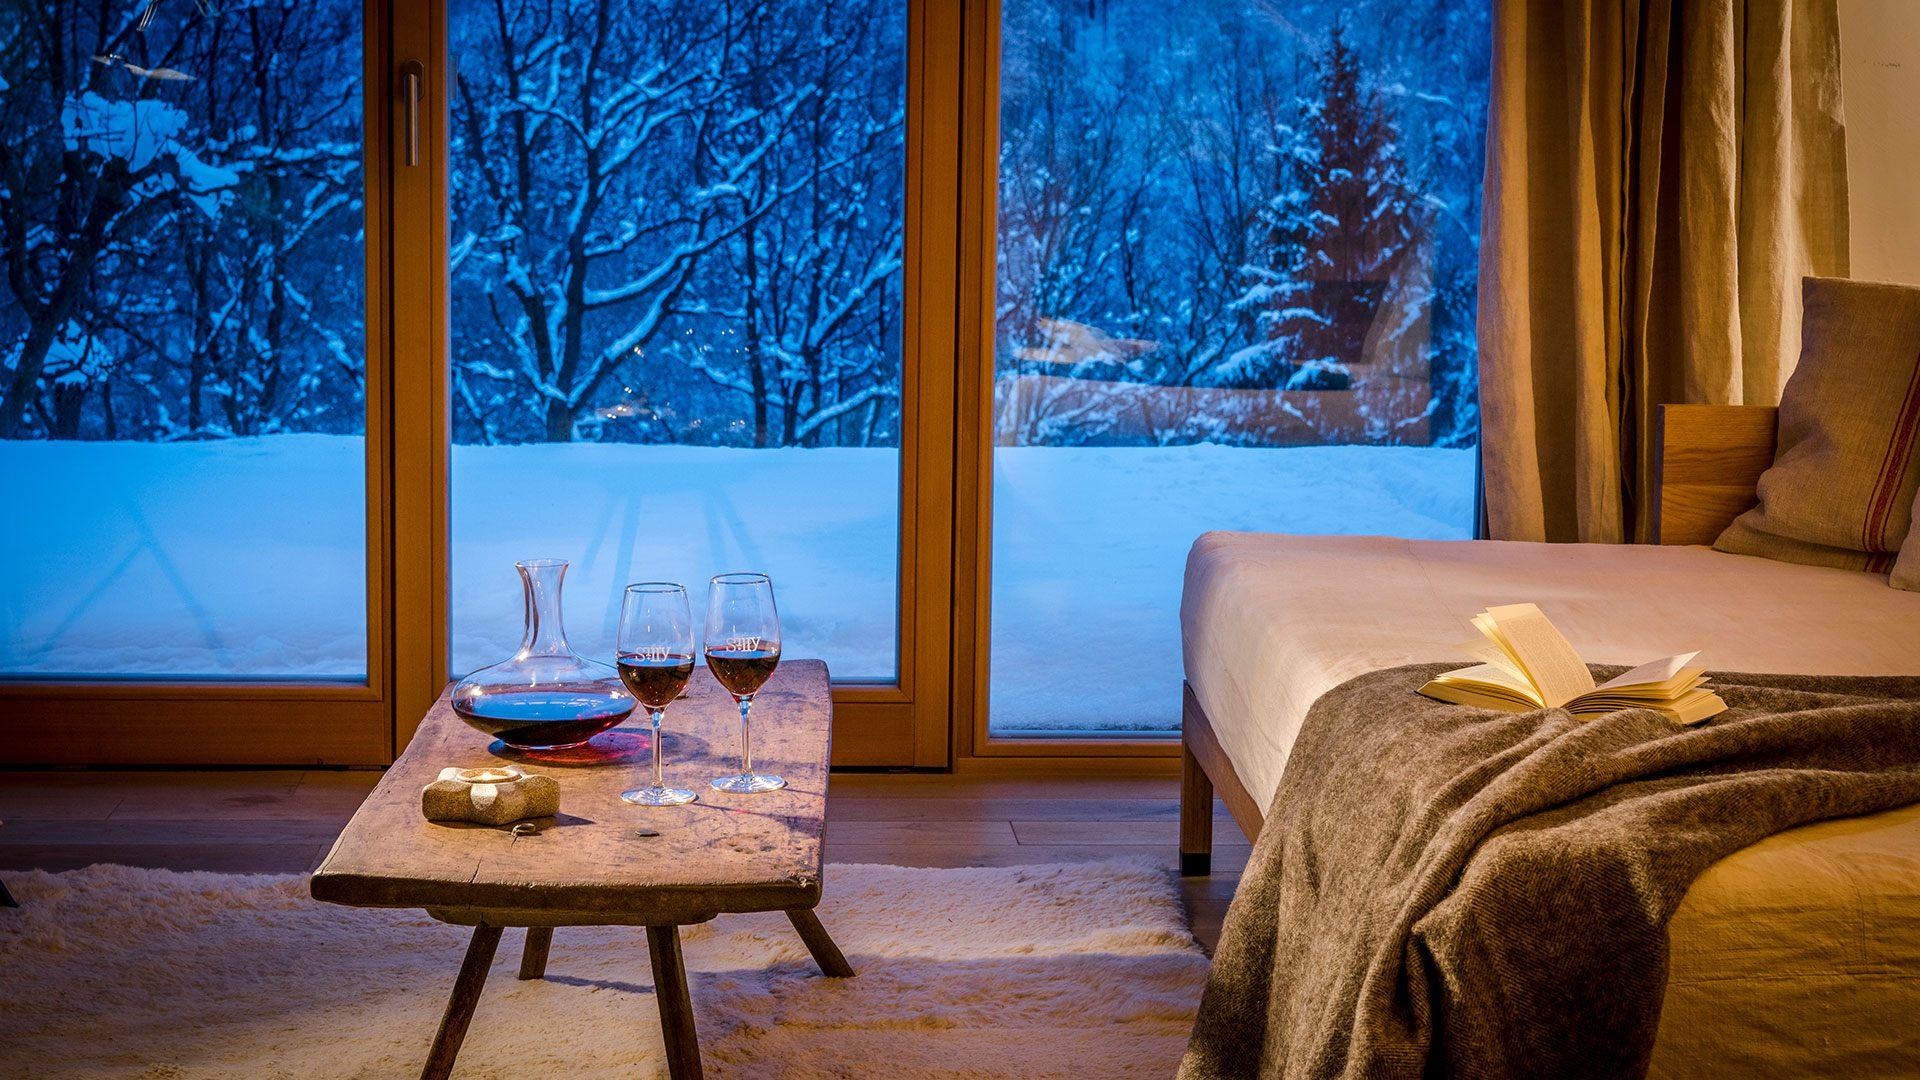 landhaus-altenbach-winter-detail-wohnzimmer-1920x1080